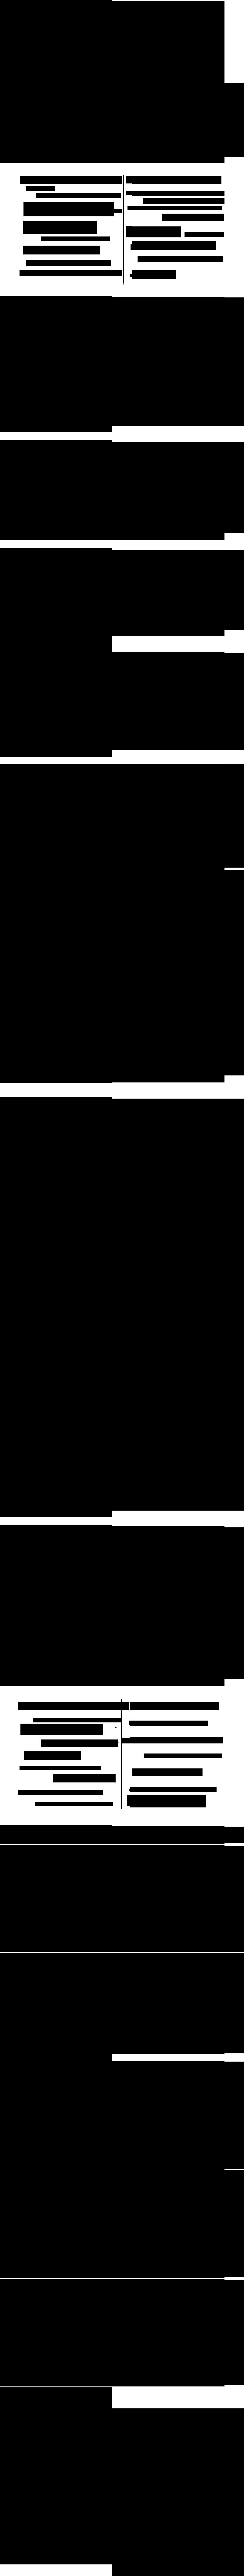 Le Rôle Play, cet Inconnu 846248ChapitreV